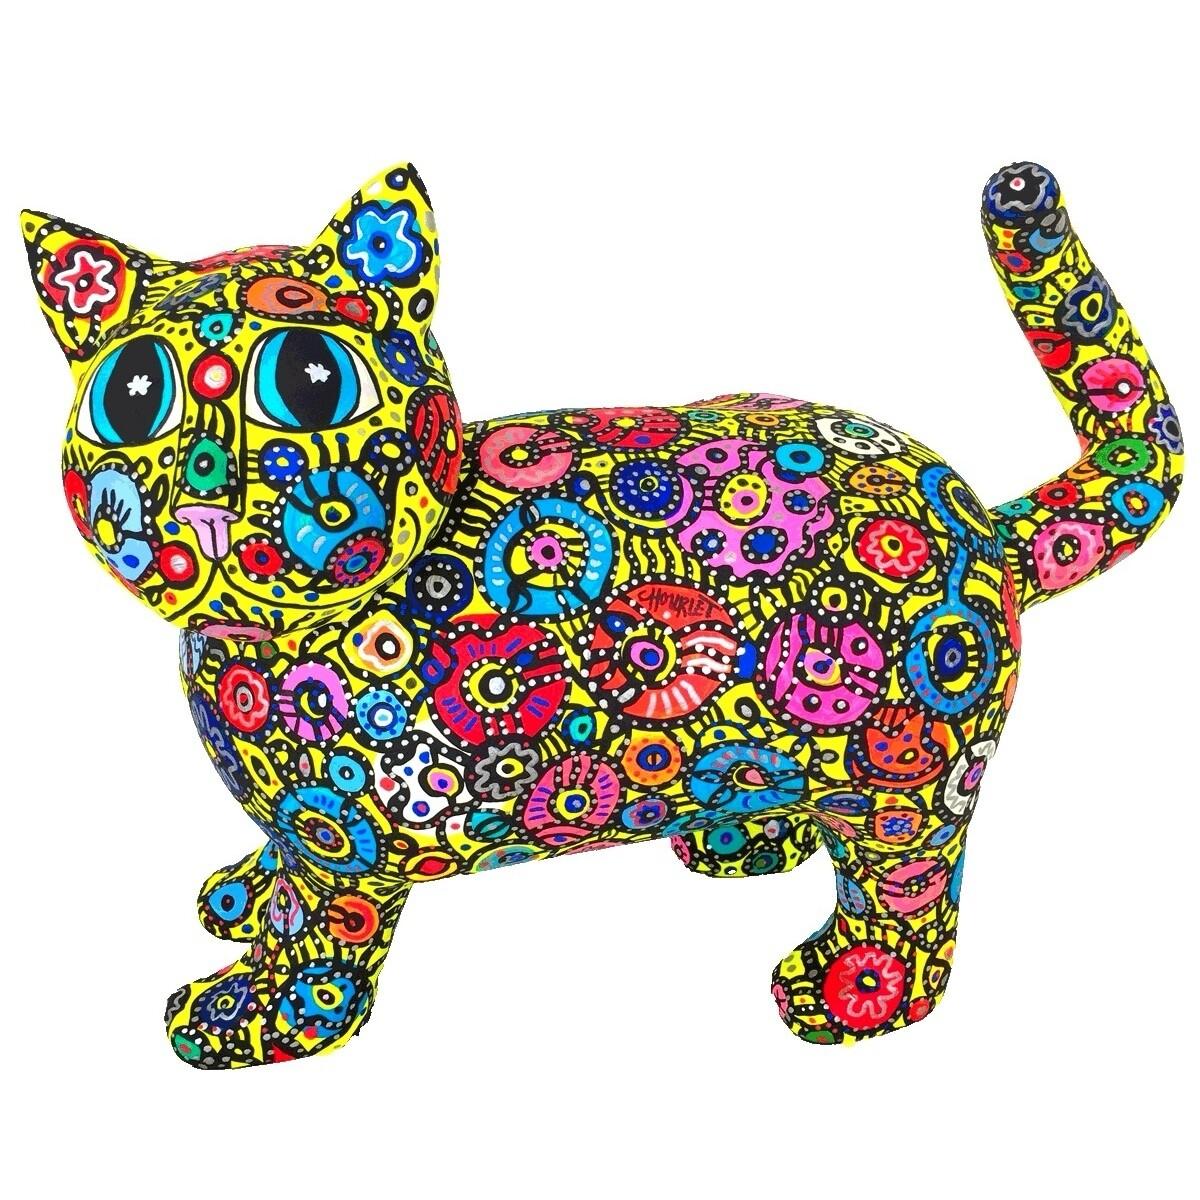 Le bel imaginaire de Marcel le chat